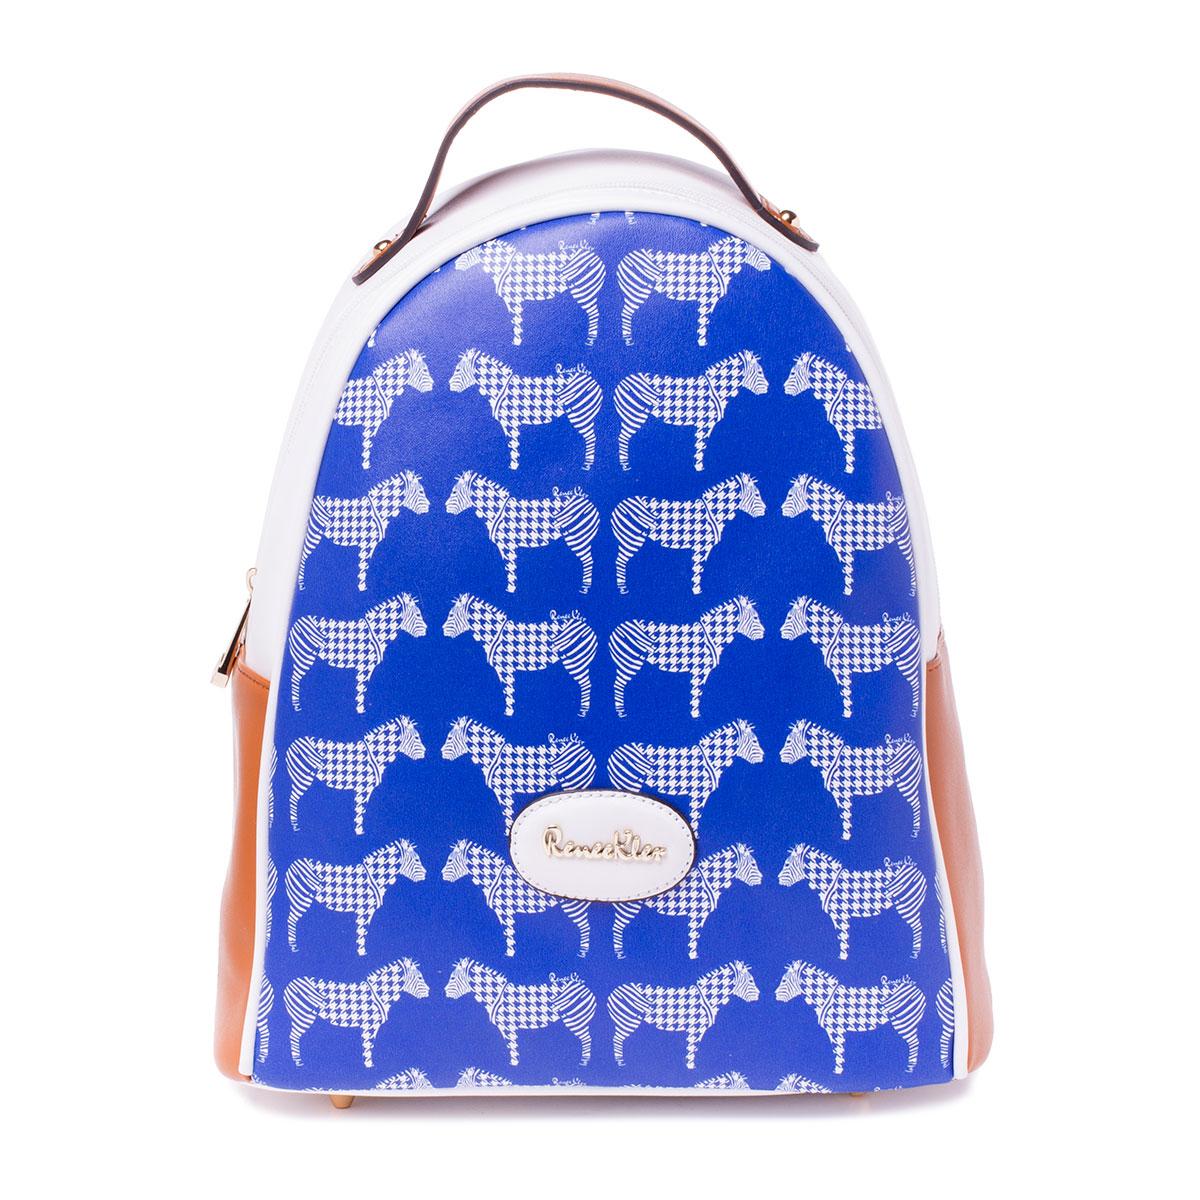 """Сумка-рюкзак женская """"Renee Kler"""", цвет: синий. RK487-06"""